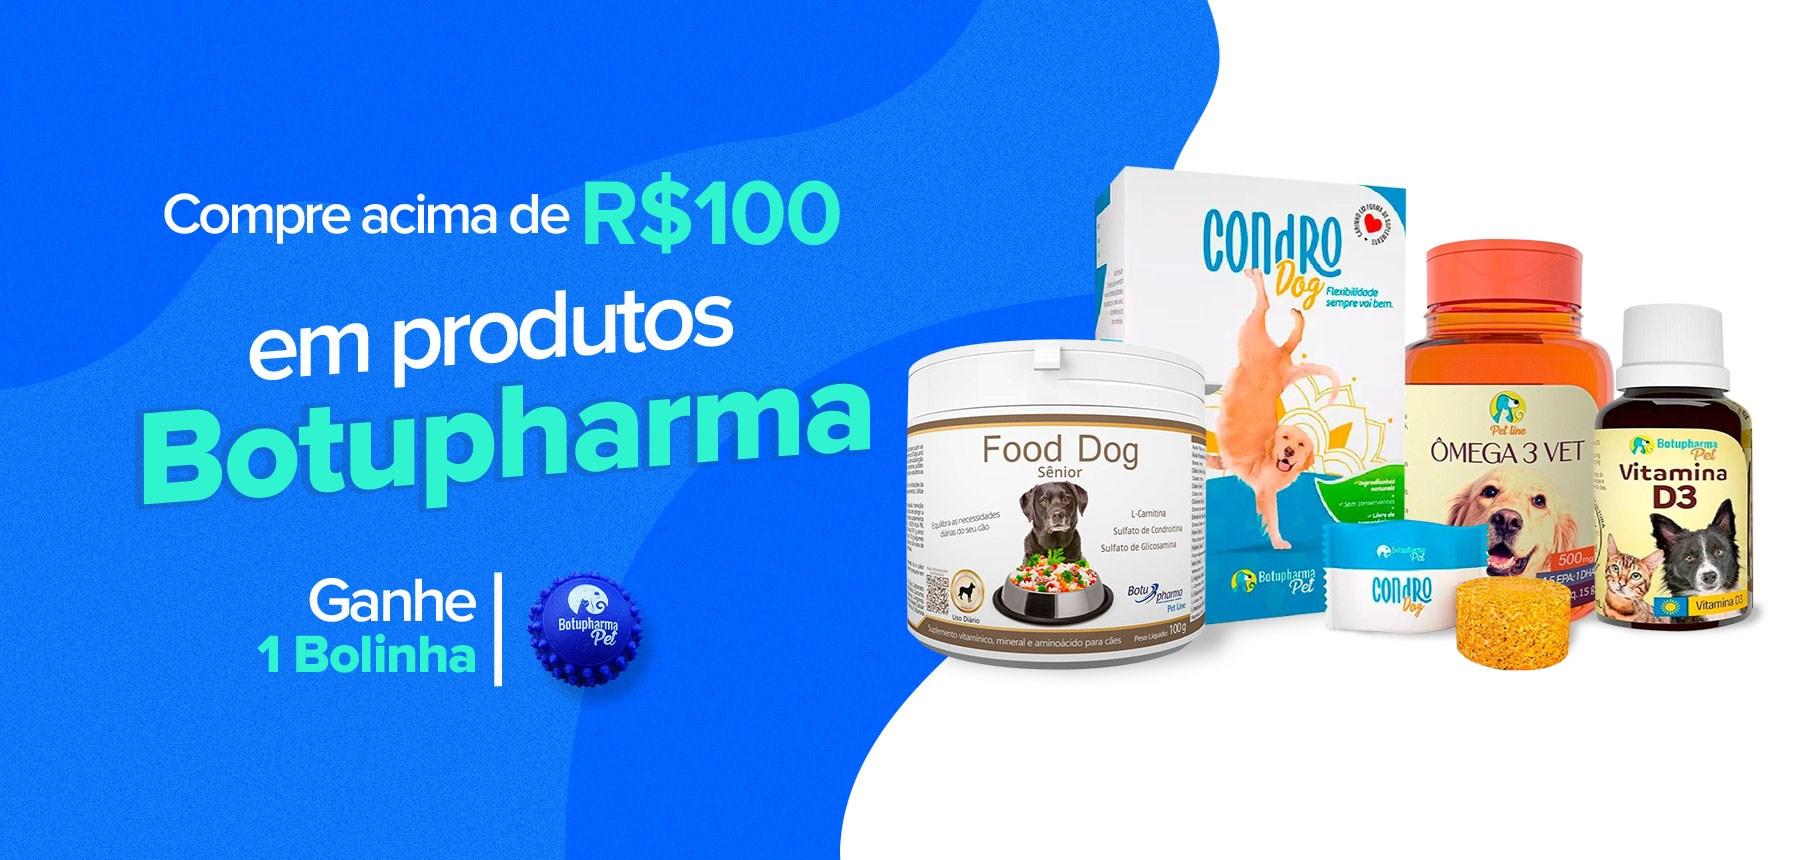 Ganhe 1 bolinha - produtos Botupharma